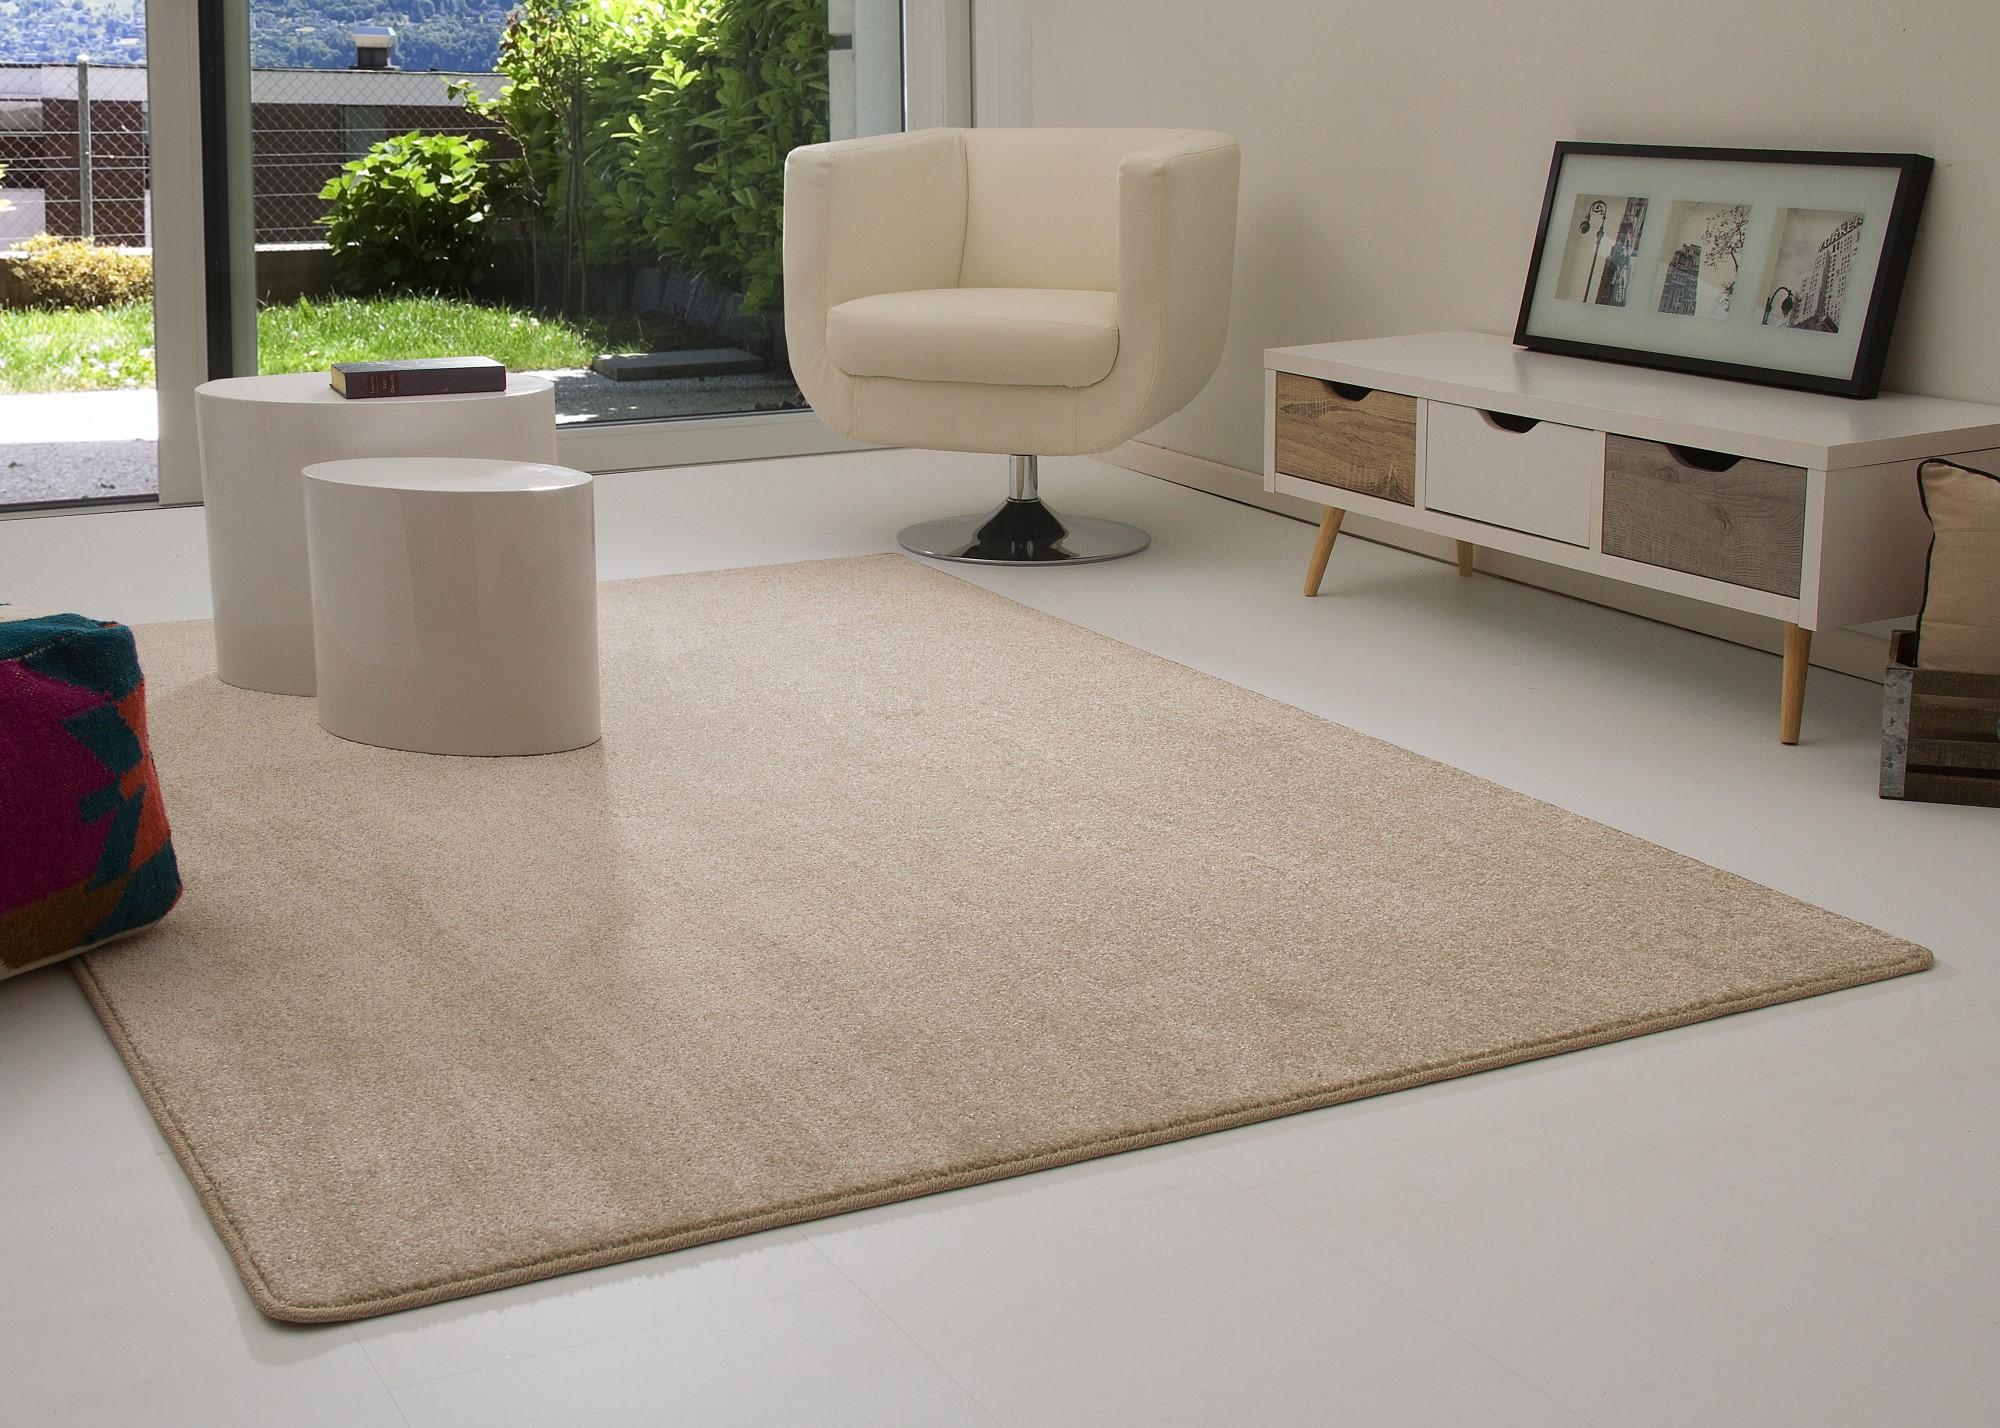 Designer teppich modern margate wohnzimmer grau beige ebay for Teppich wohnzimmer modern